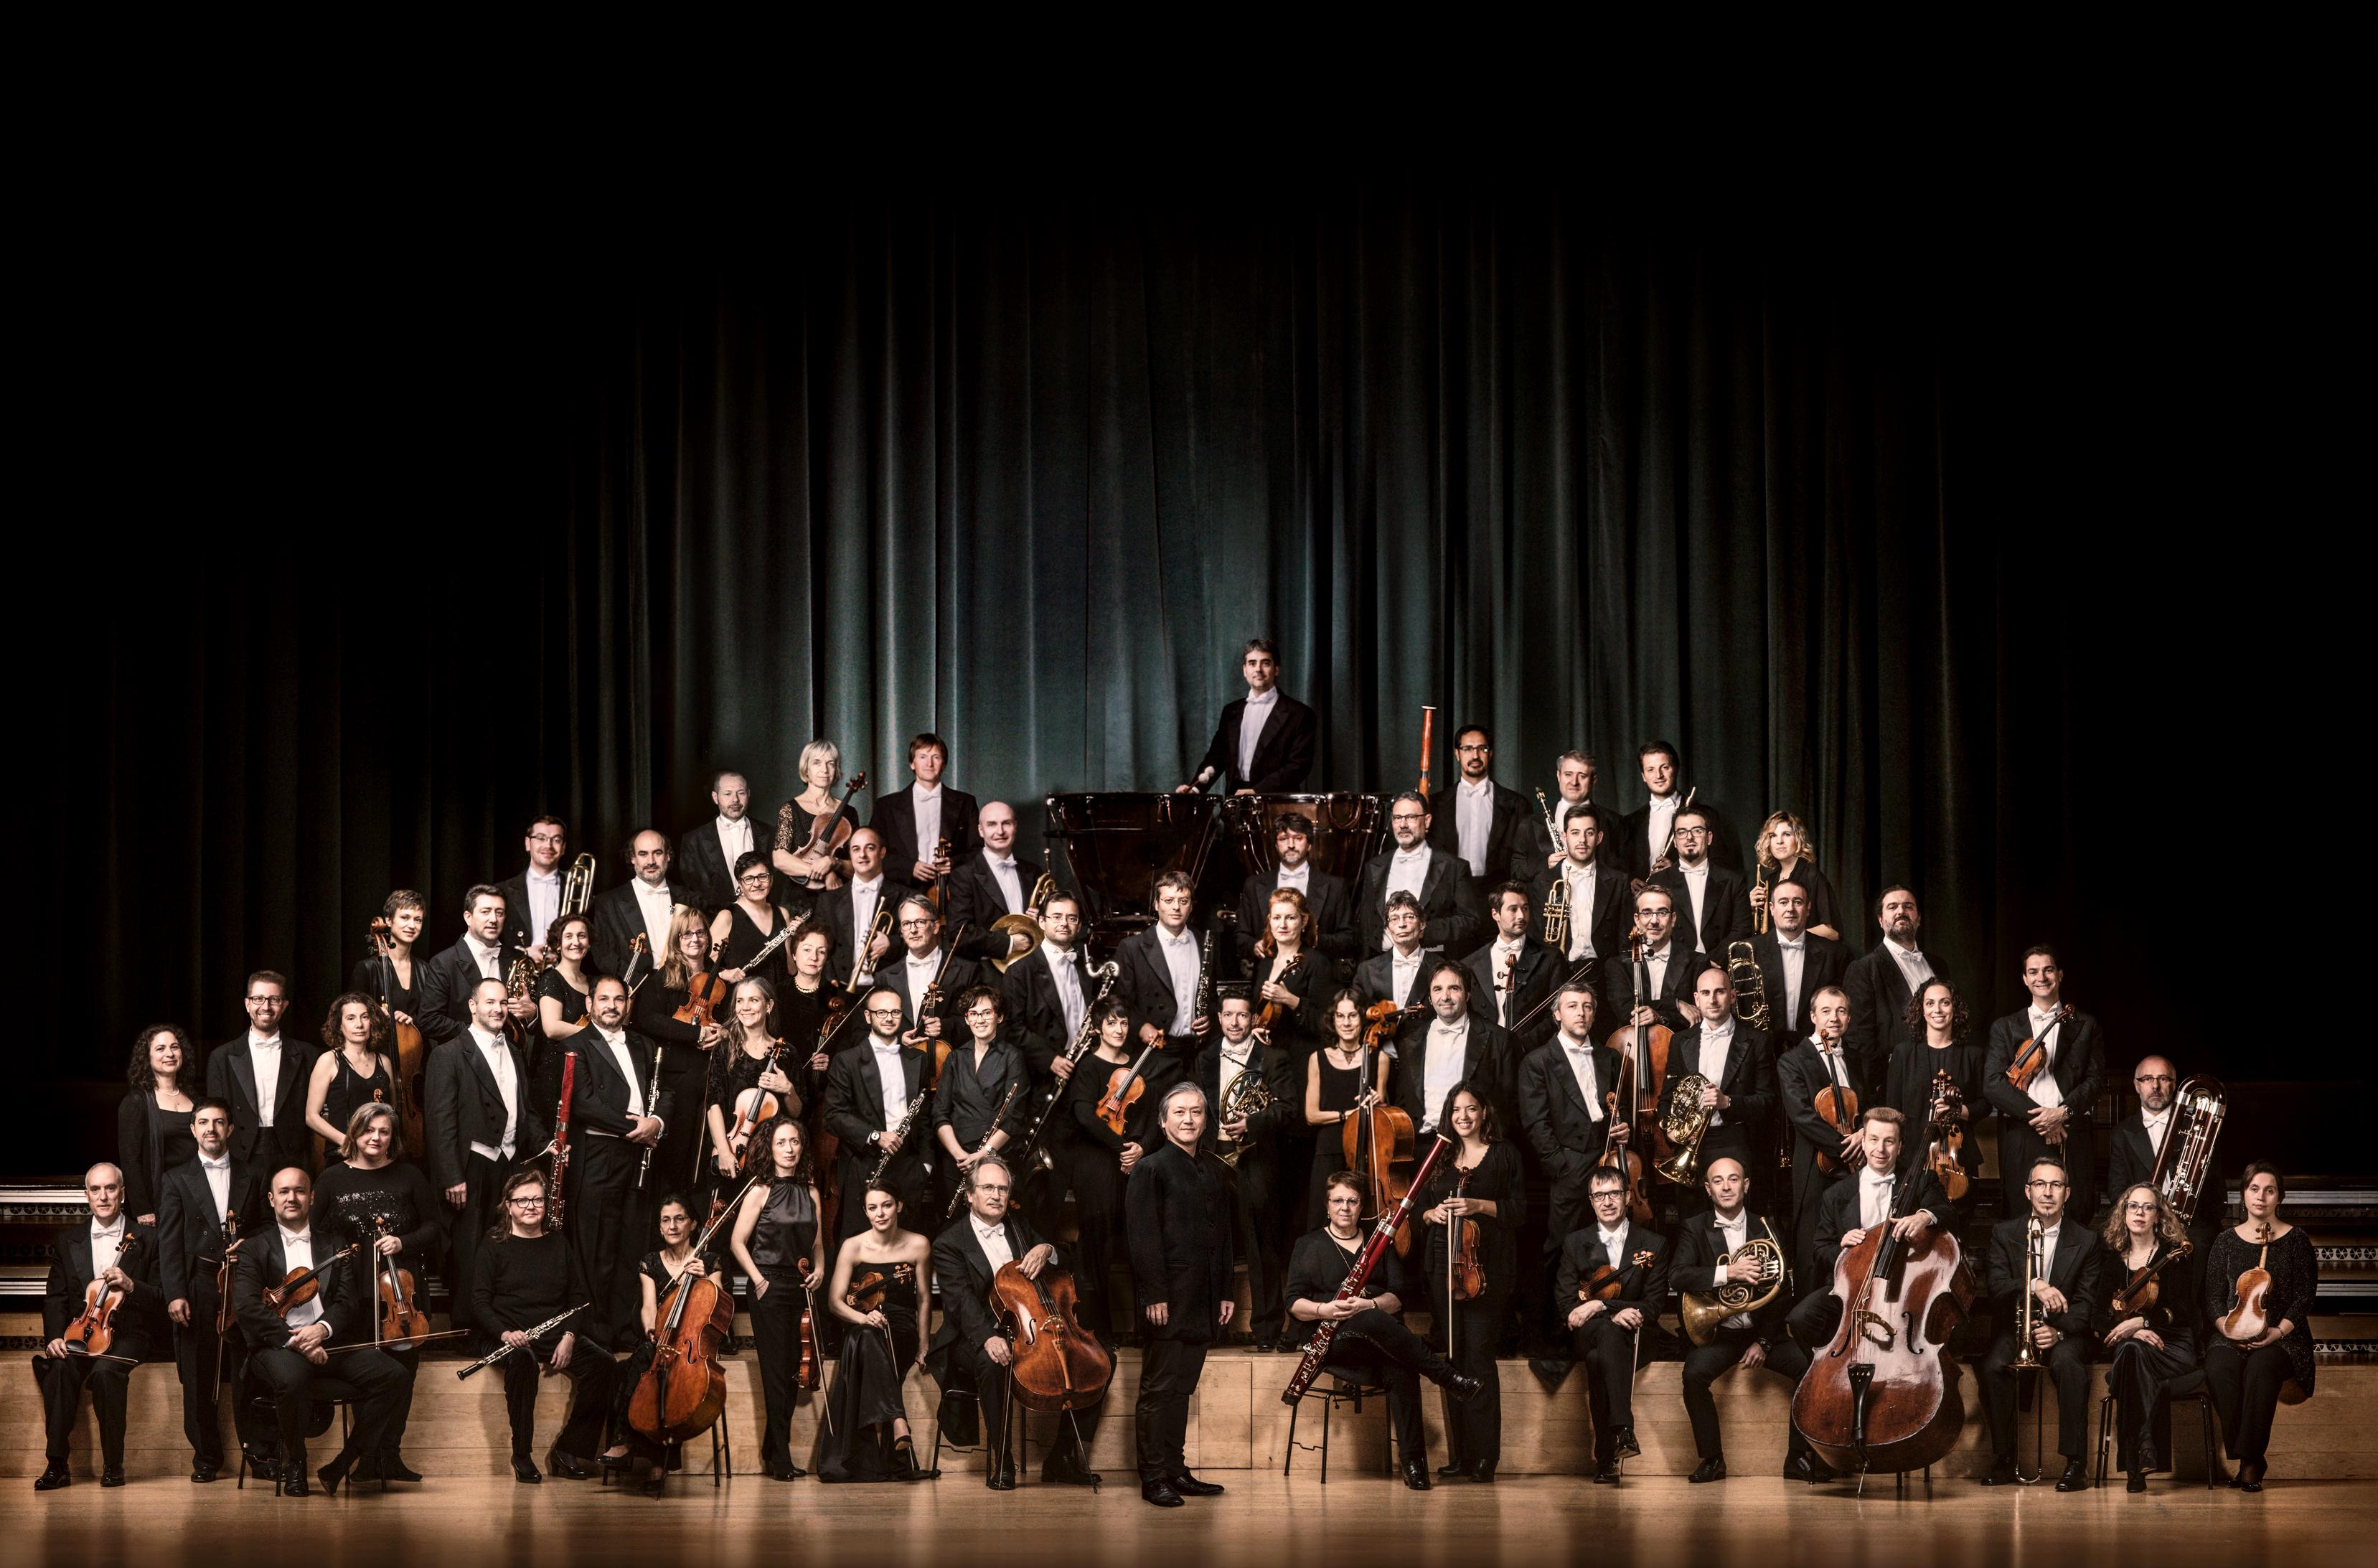 バルセロナ交響楽団(Barcelona Symphony Orchestra - the National Orchestra of Catalonia)